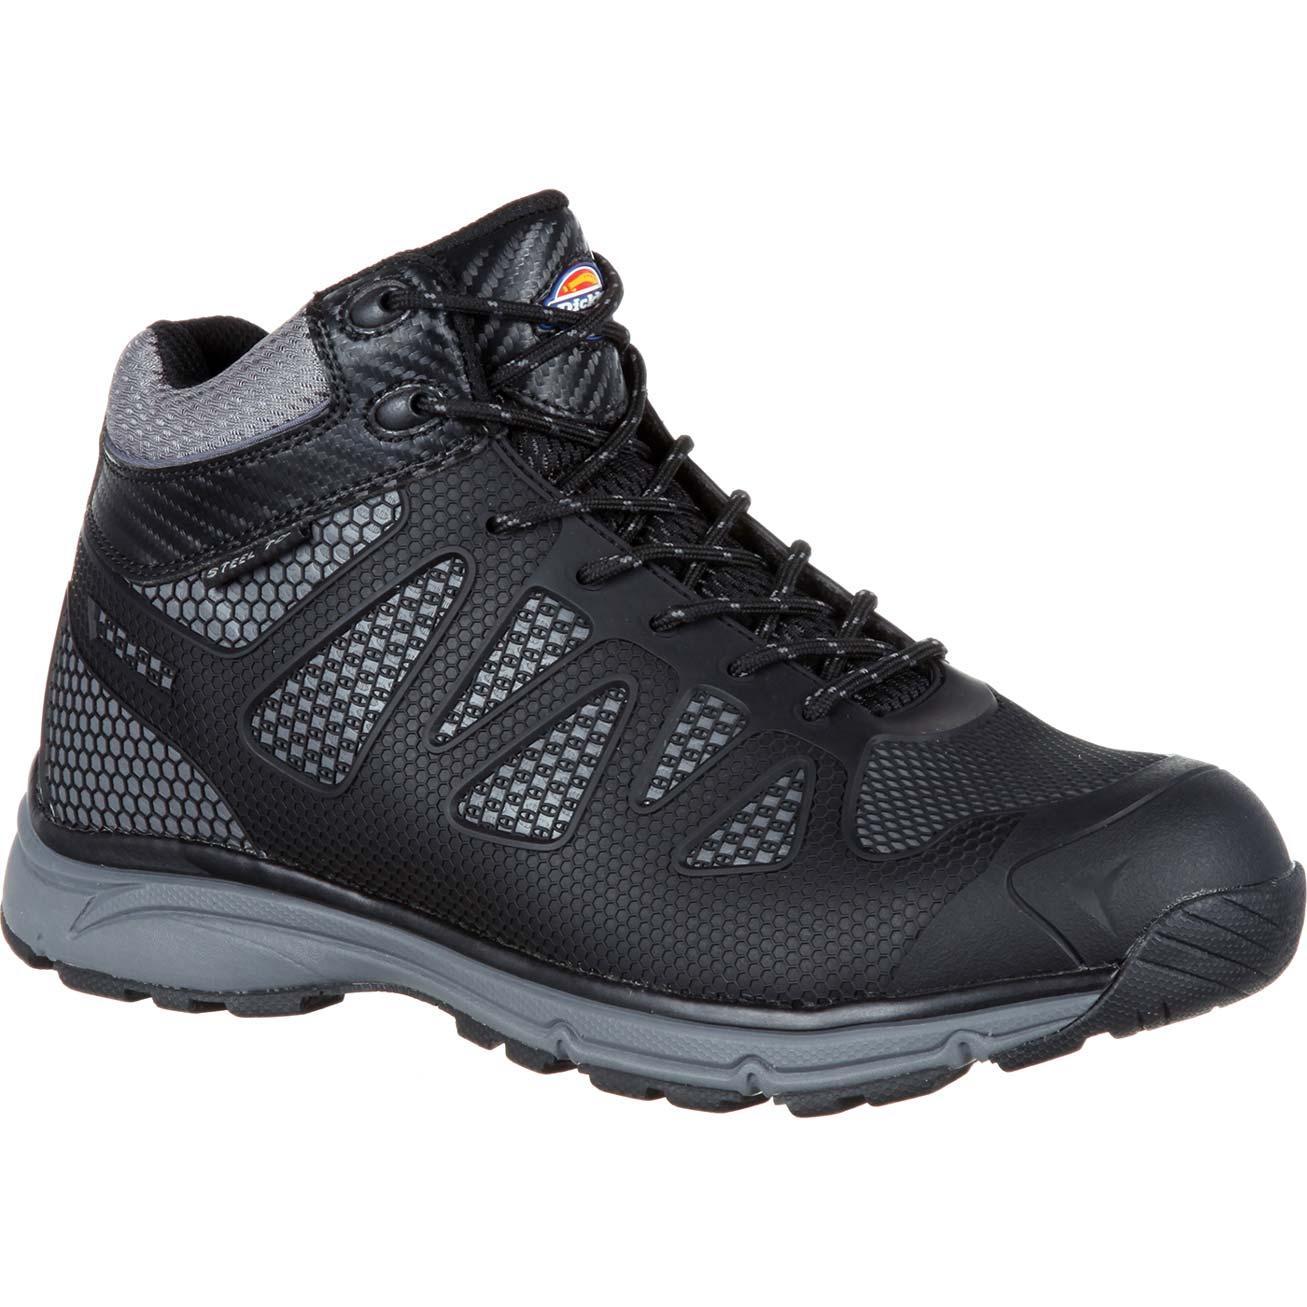 71472c01cde Dickies Fury Steel Toe Work Hiker